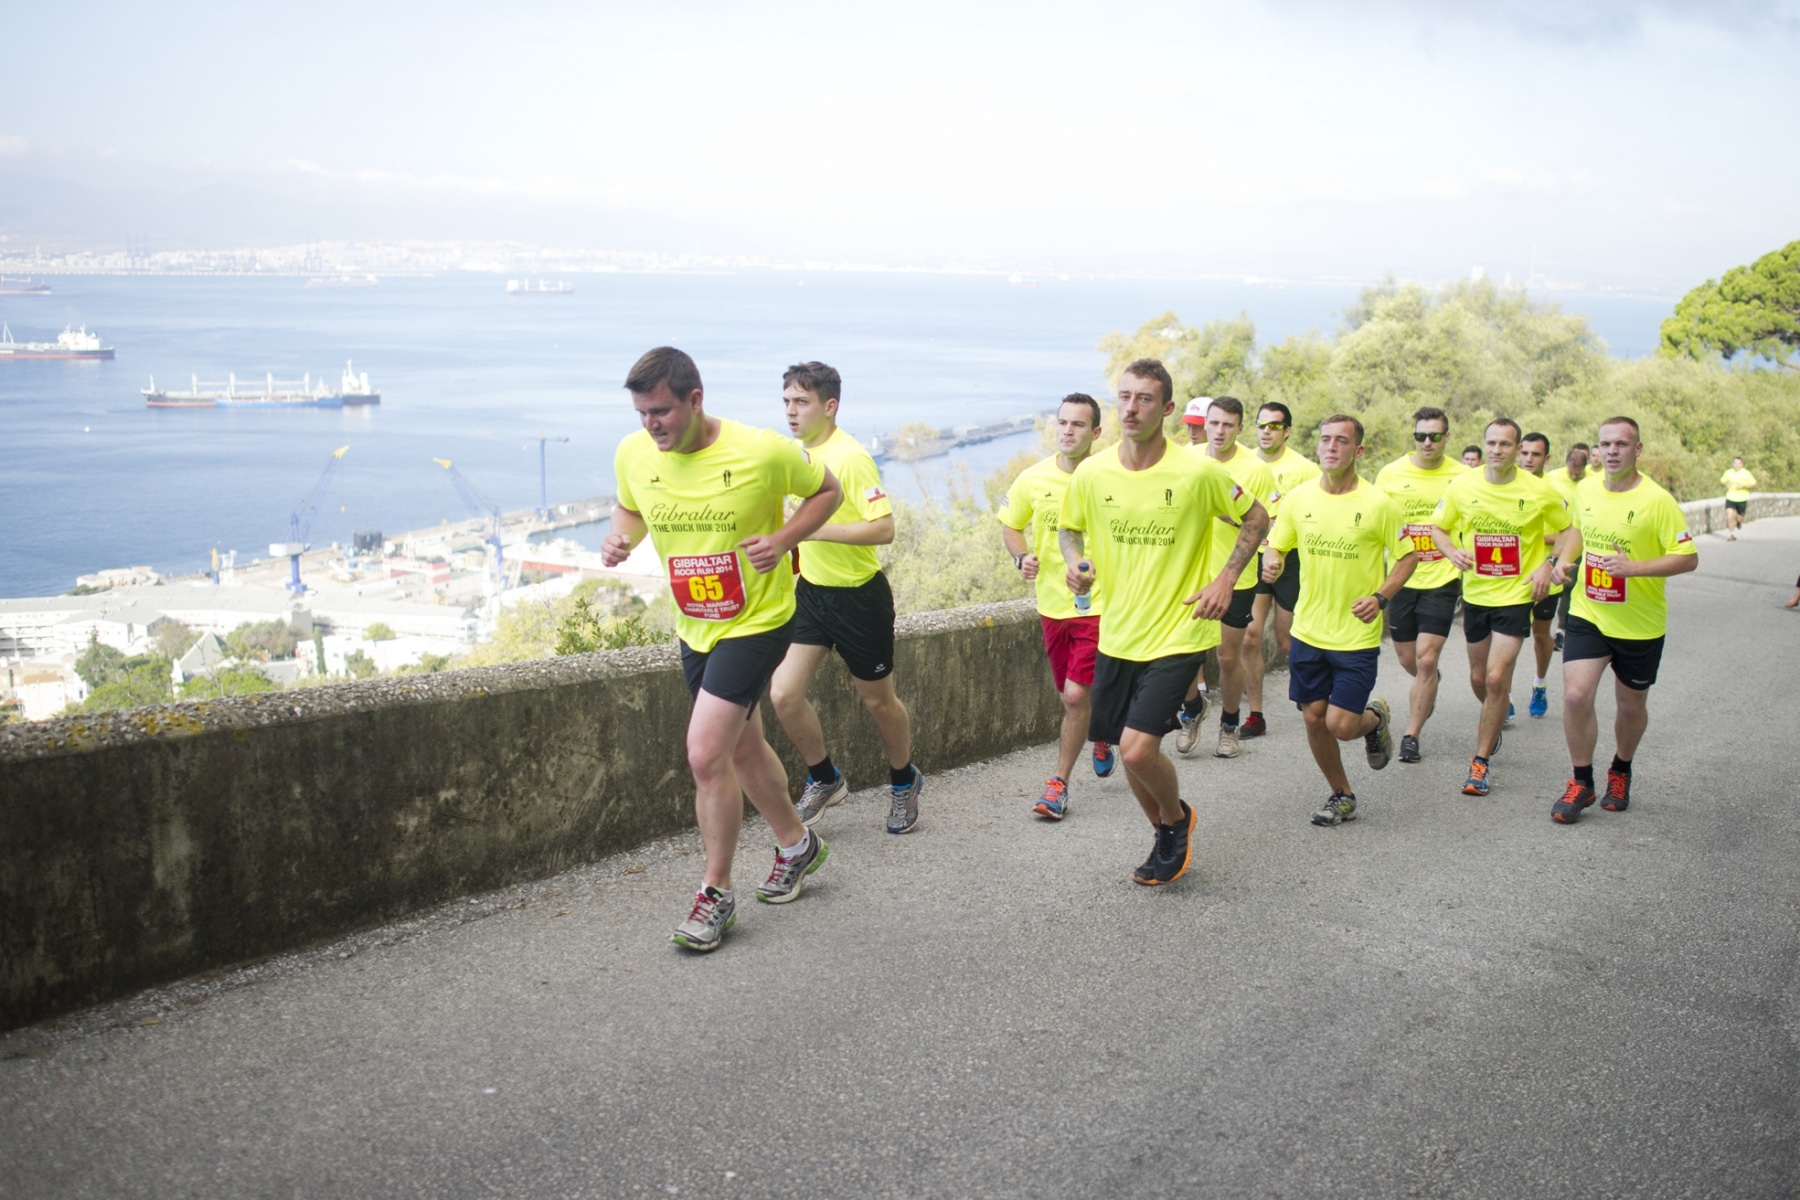 henry-cavill-en-la-carrera-del-350-aniversario-de-los-royal-marines-en-gibraltar-25-octubre-201427_15003567563_o